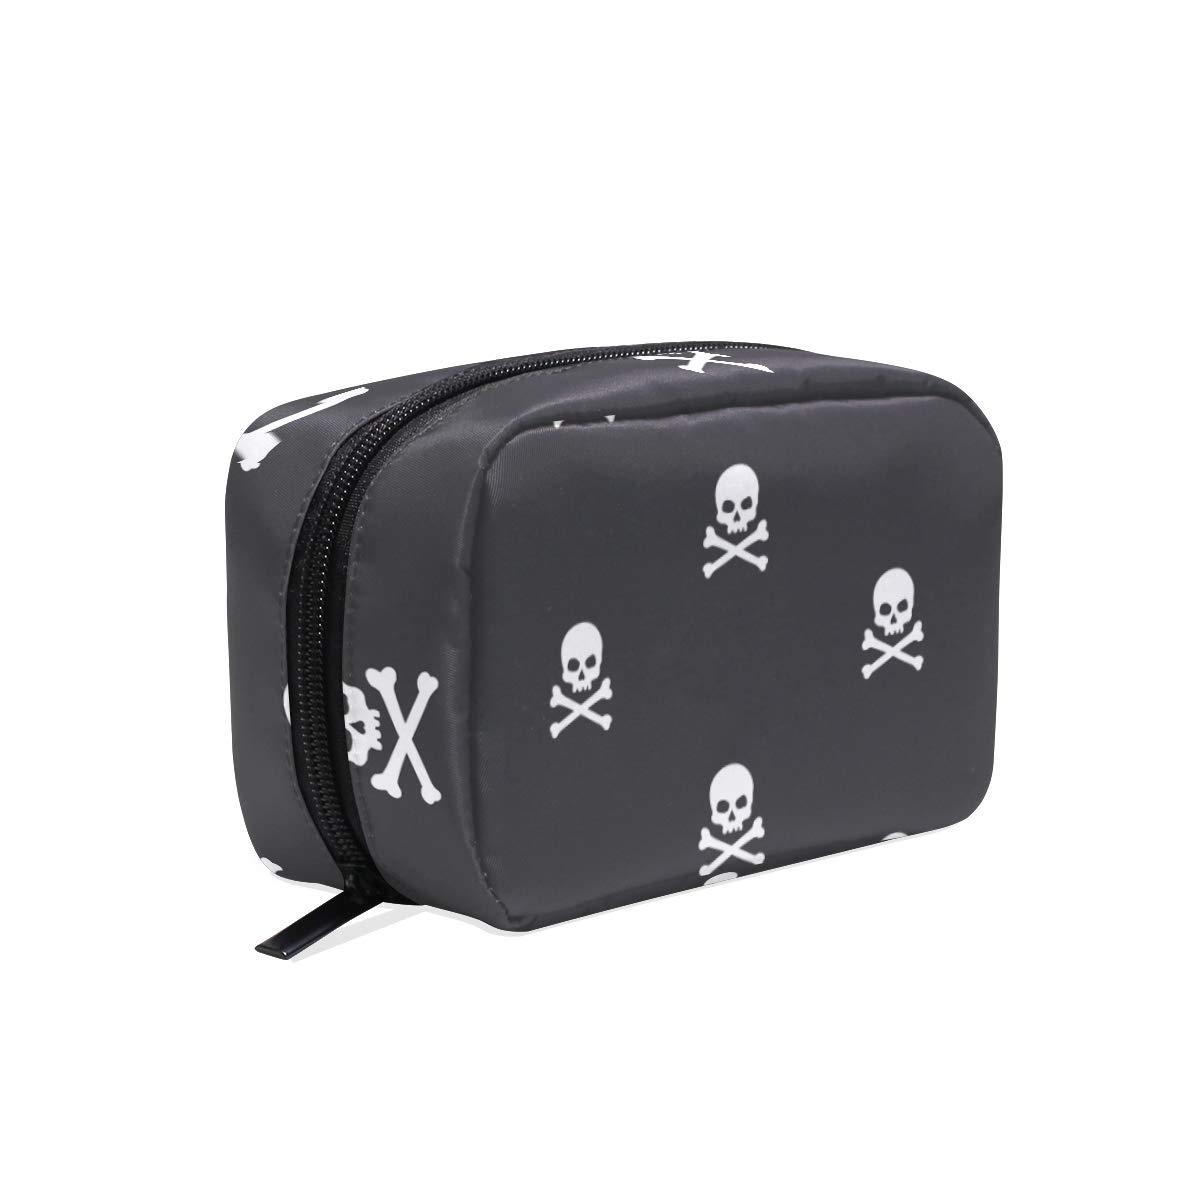 Women's Makeup Cosmetic Bag Sugar Skulls Makeup Bag for Travel Cosmetic Pouch Brush Bag(908d15)